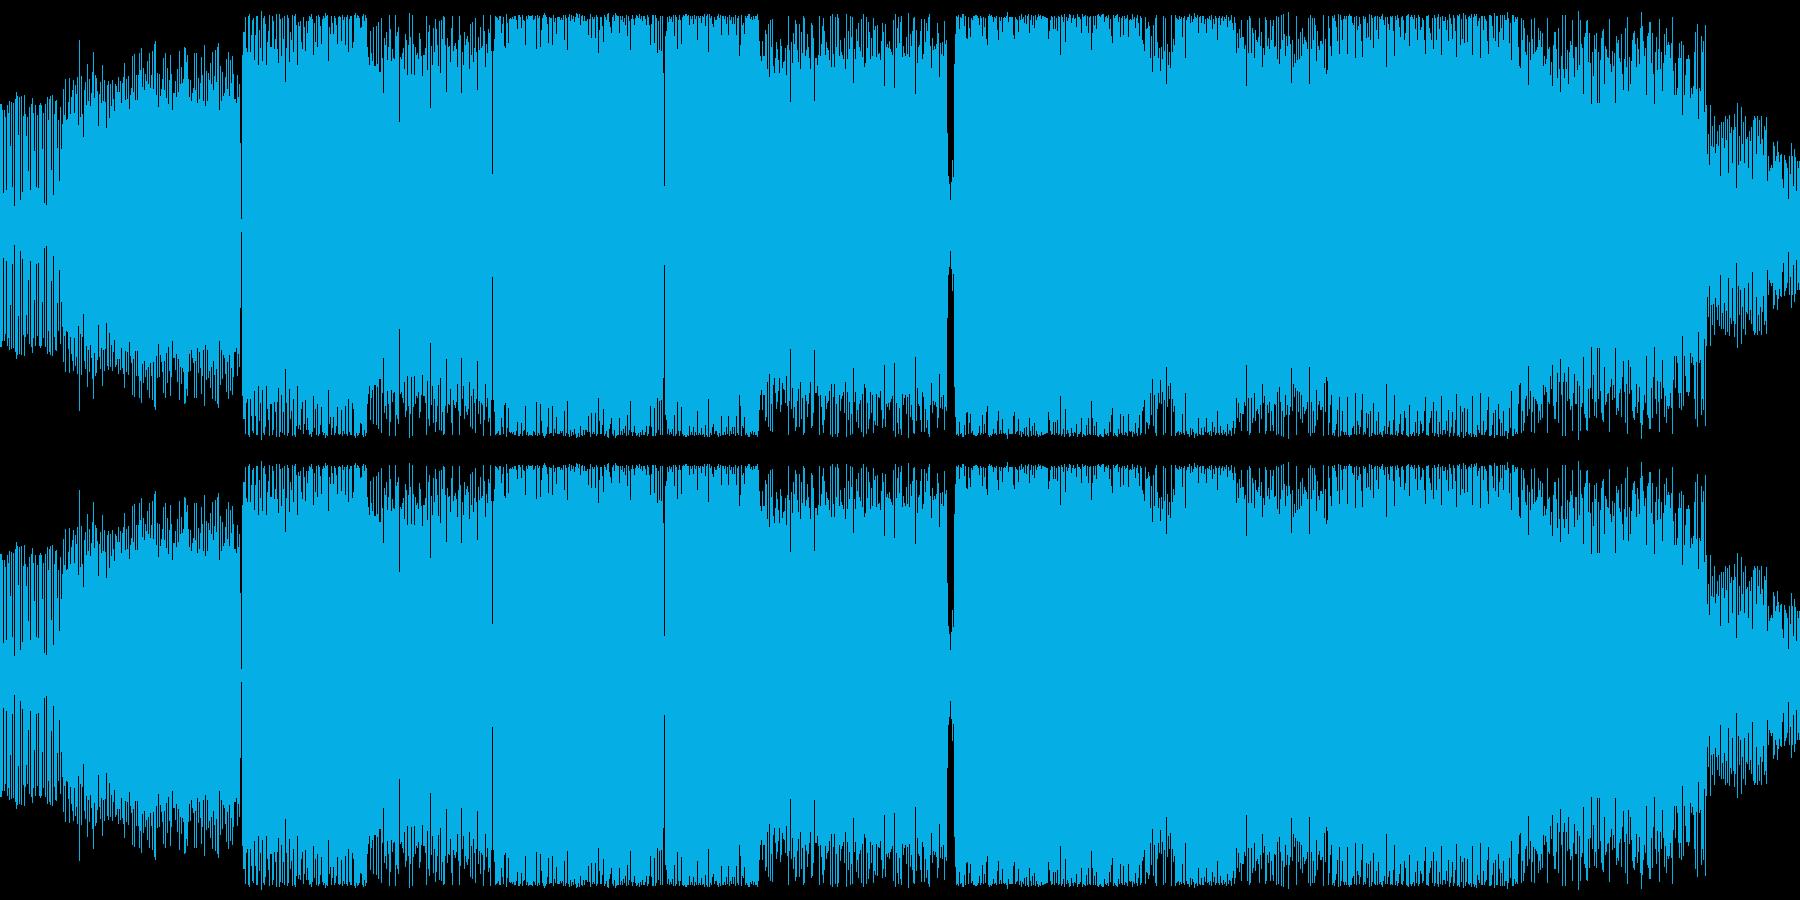 サンタナ70年代のハモンドサウンドの再生済みの波形